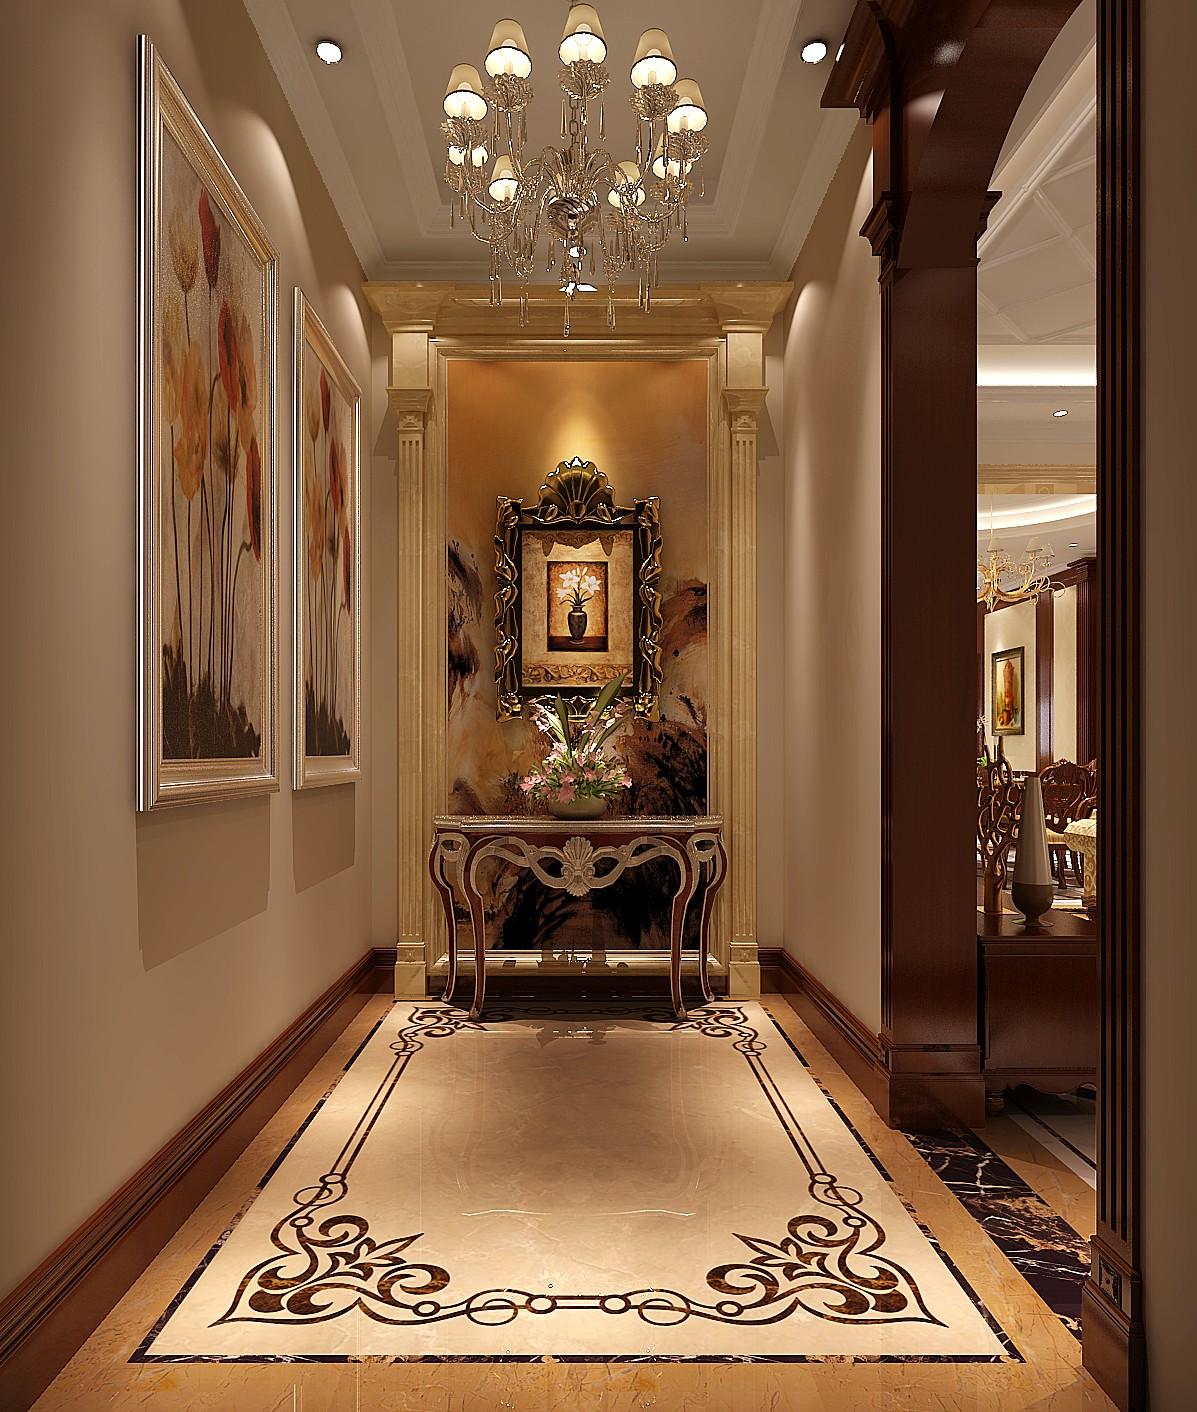 欧式 别墅 其他图片来自专业别墅设计工作室在永定河孔雀城简欧风格别墅案例的分享